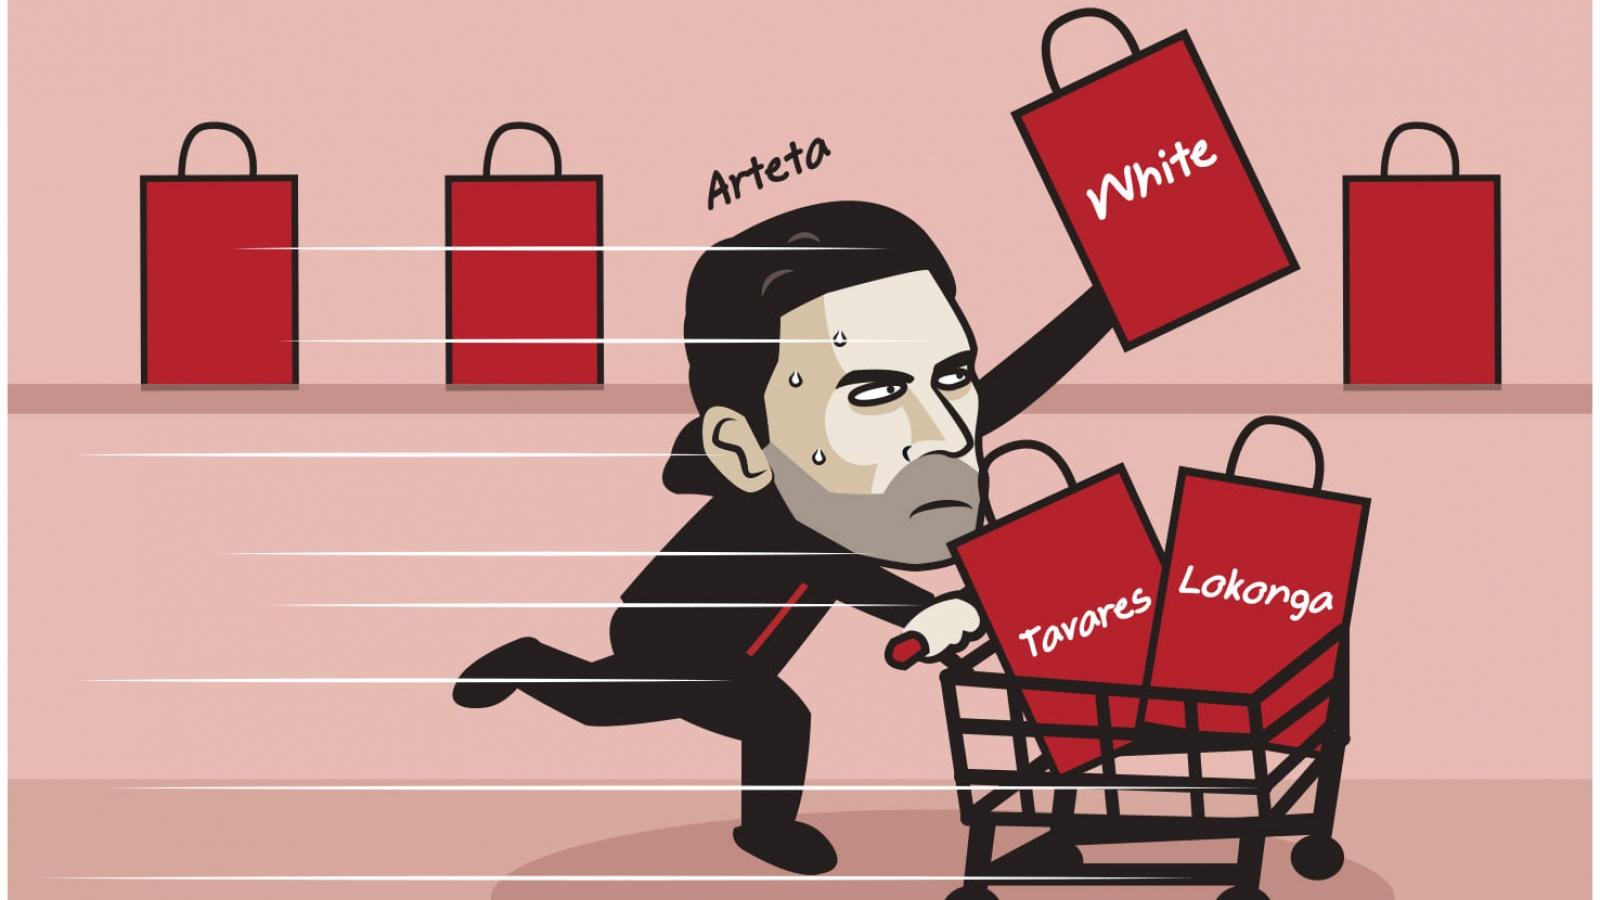 """Biếm họa 24h: Arsenal """"lột xác"""" trên thị trường chuyển nhượng"""